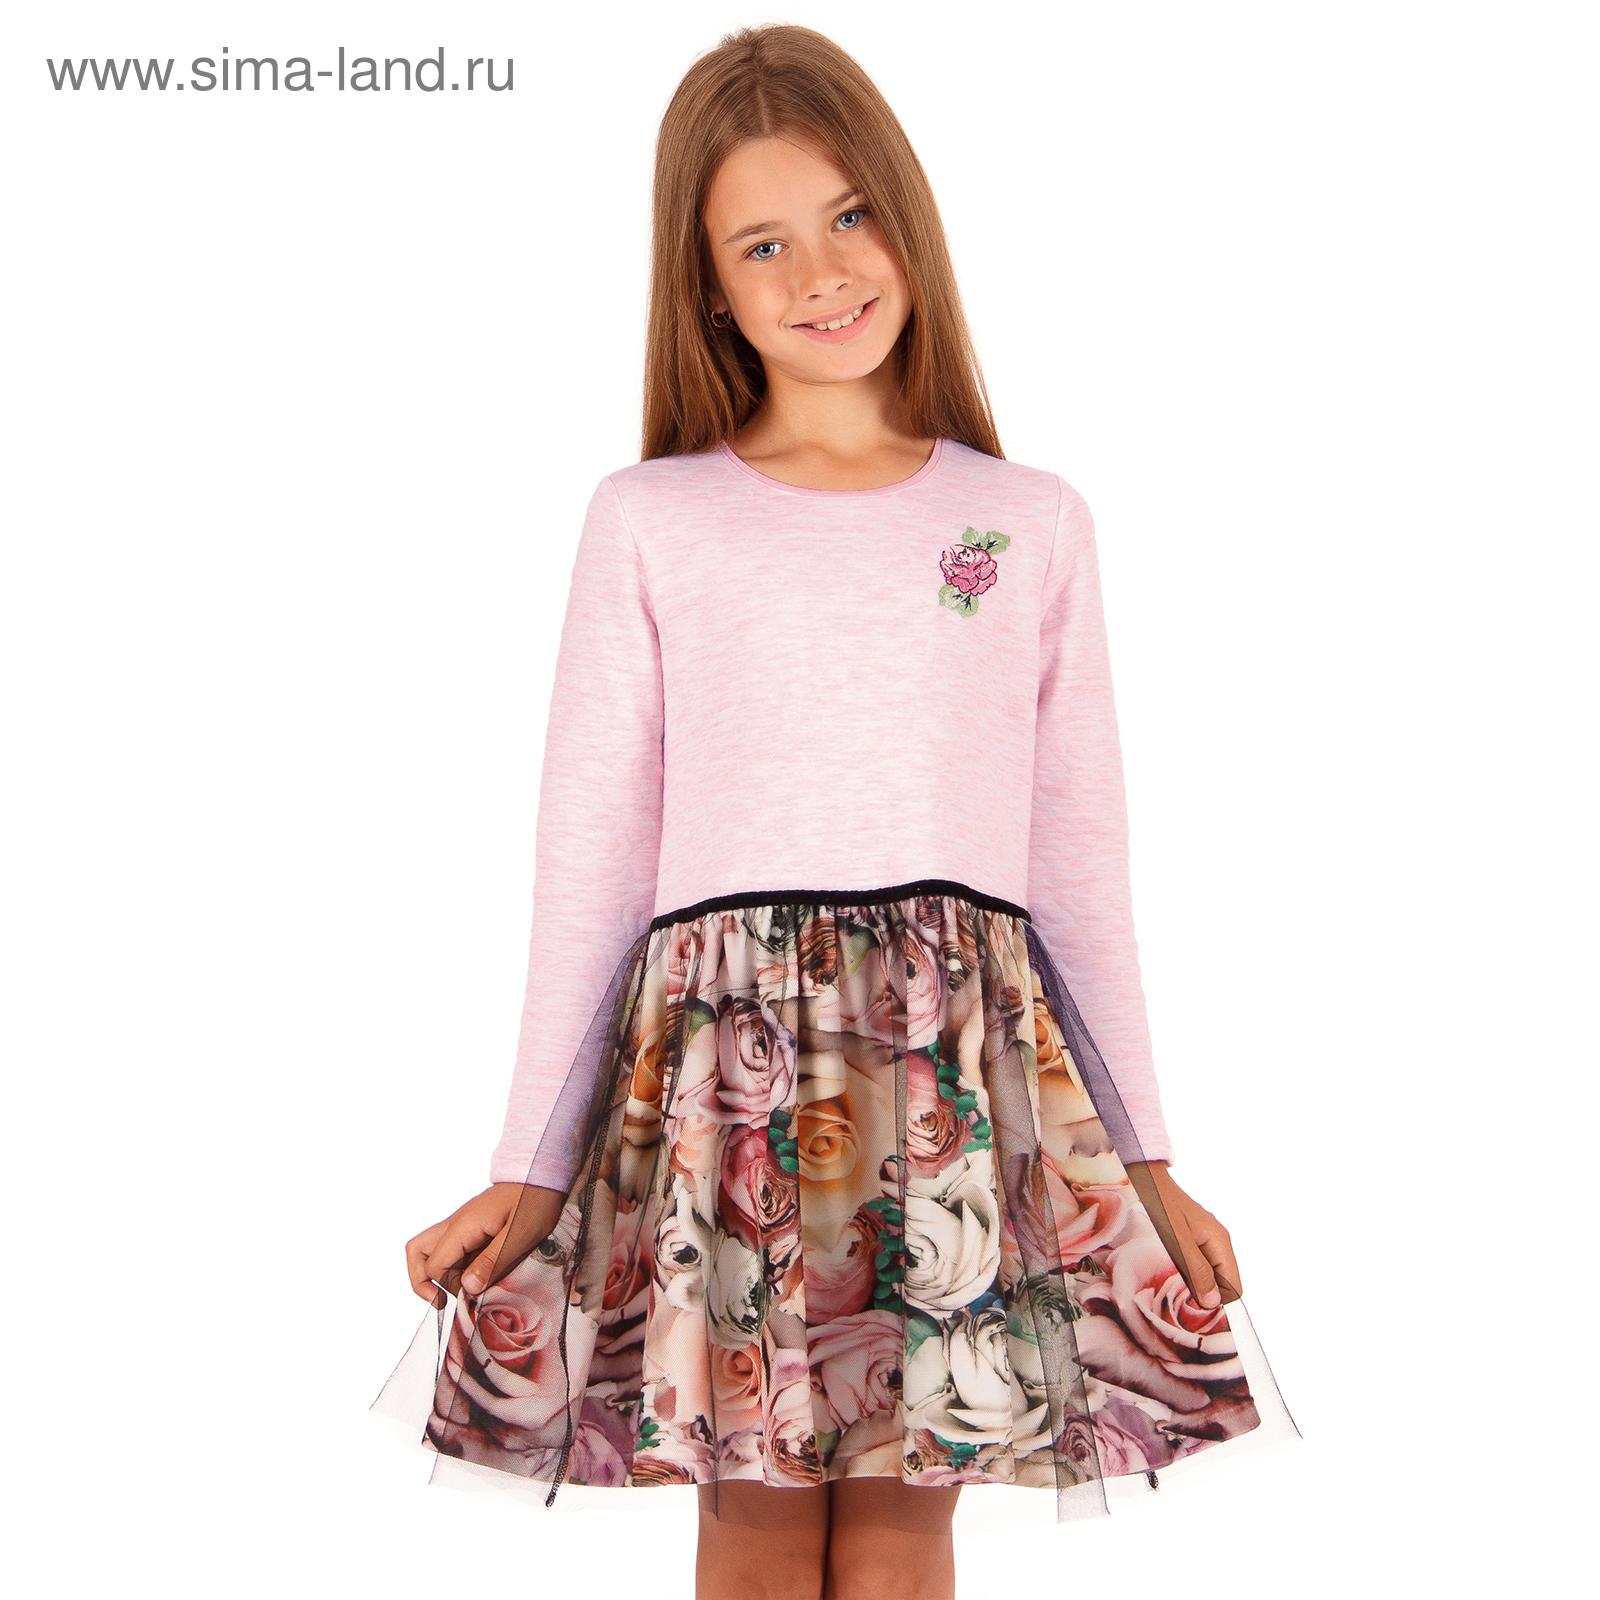 acde5cea71f Платье для девочки